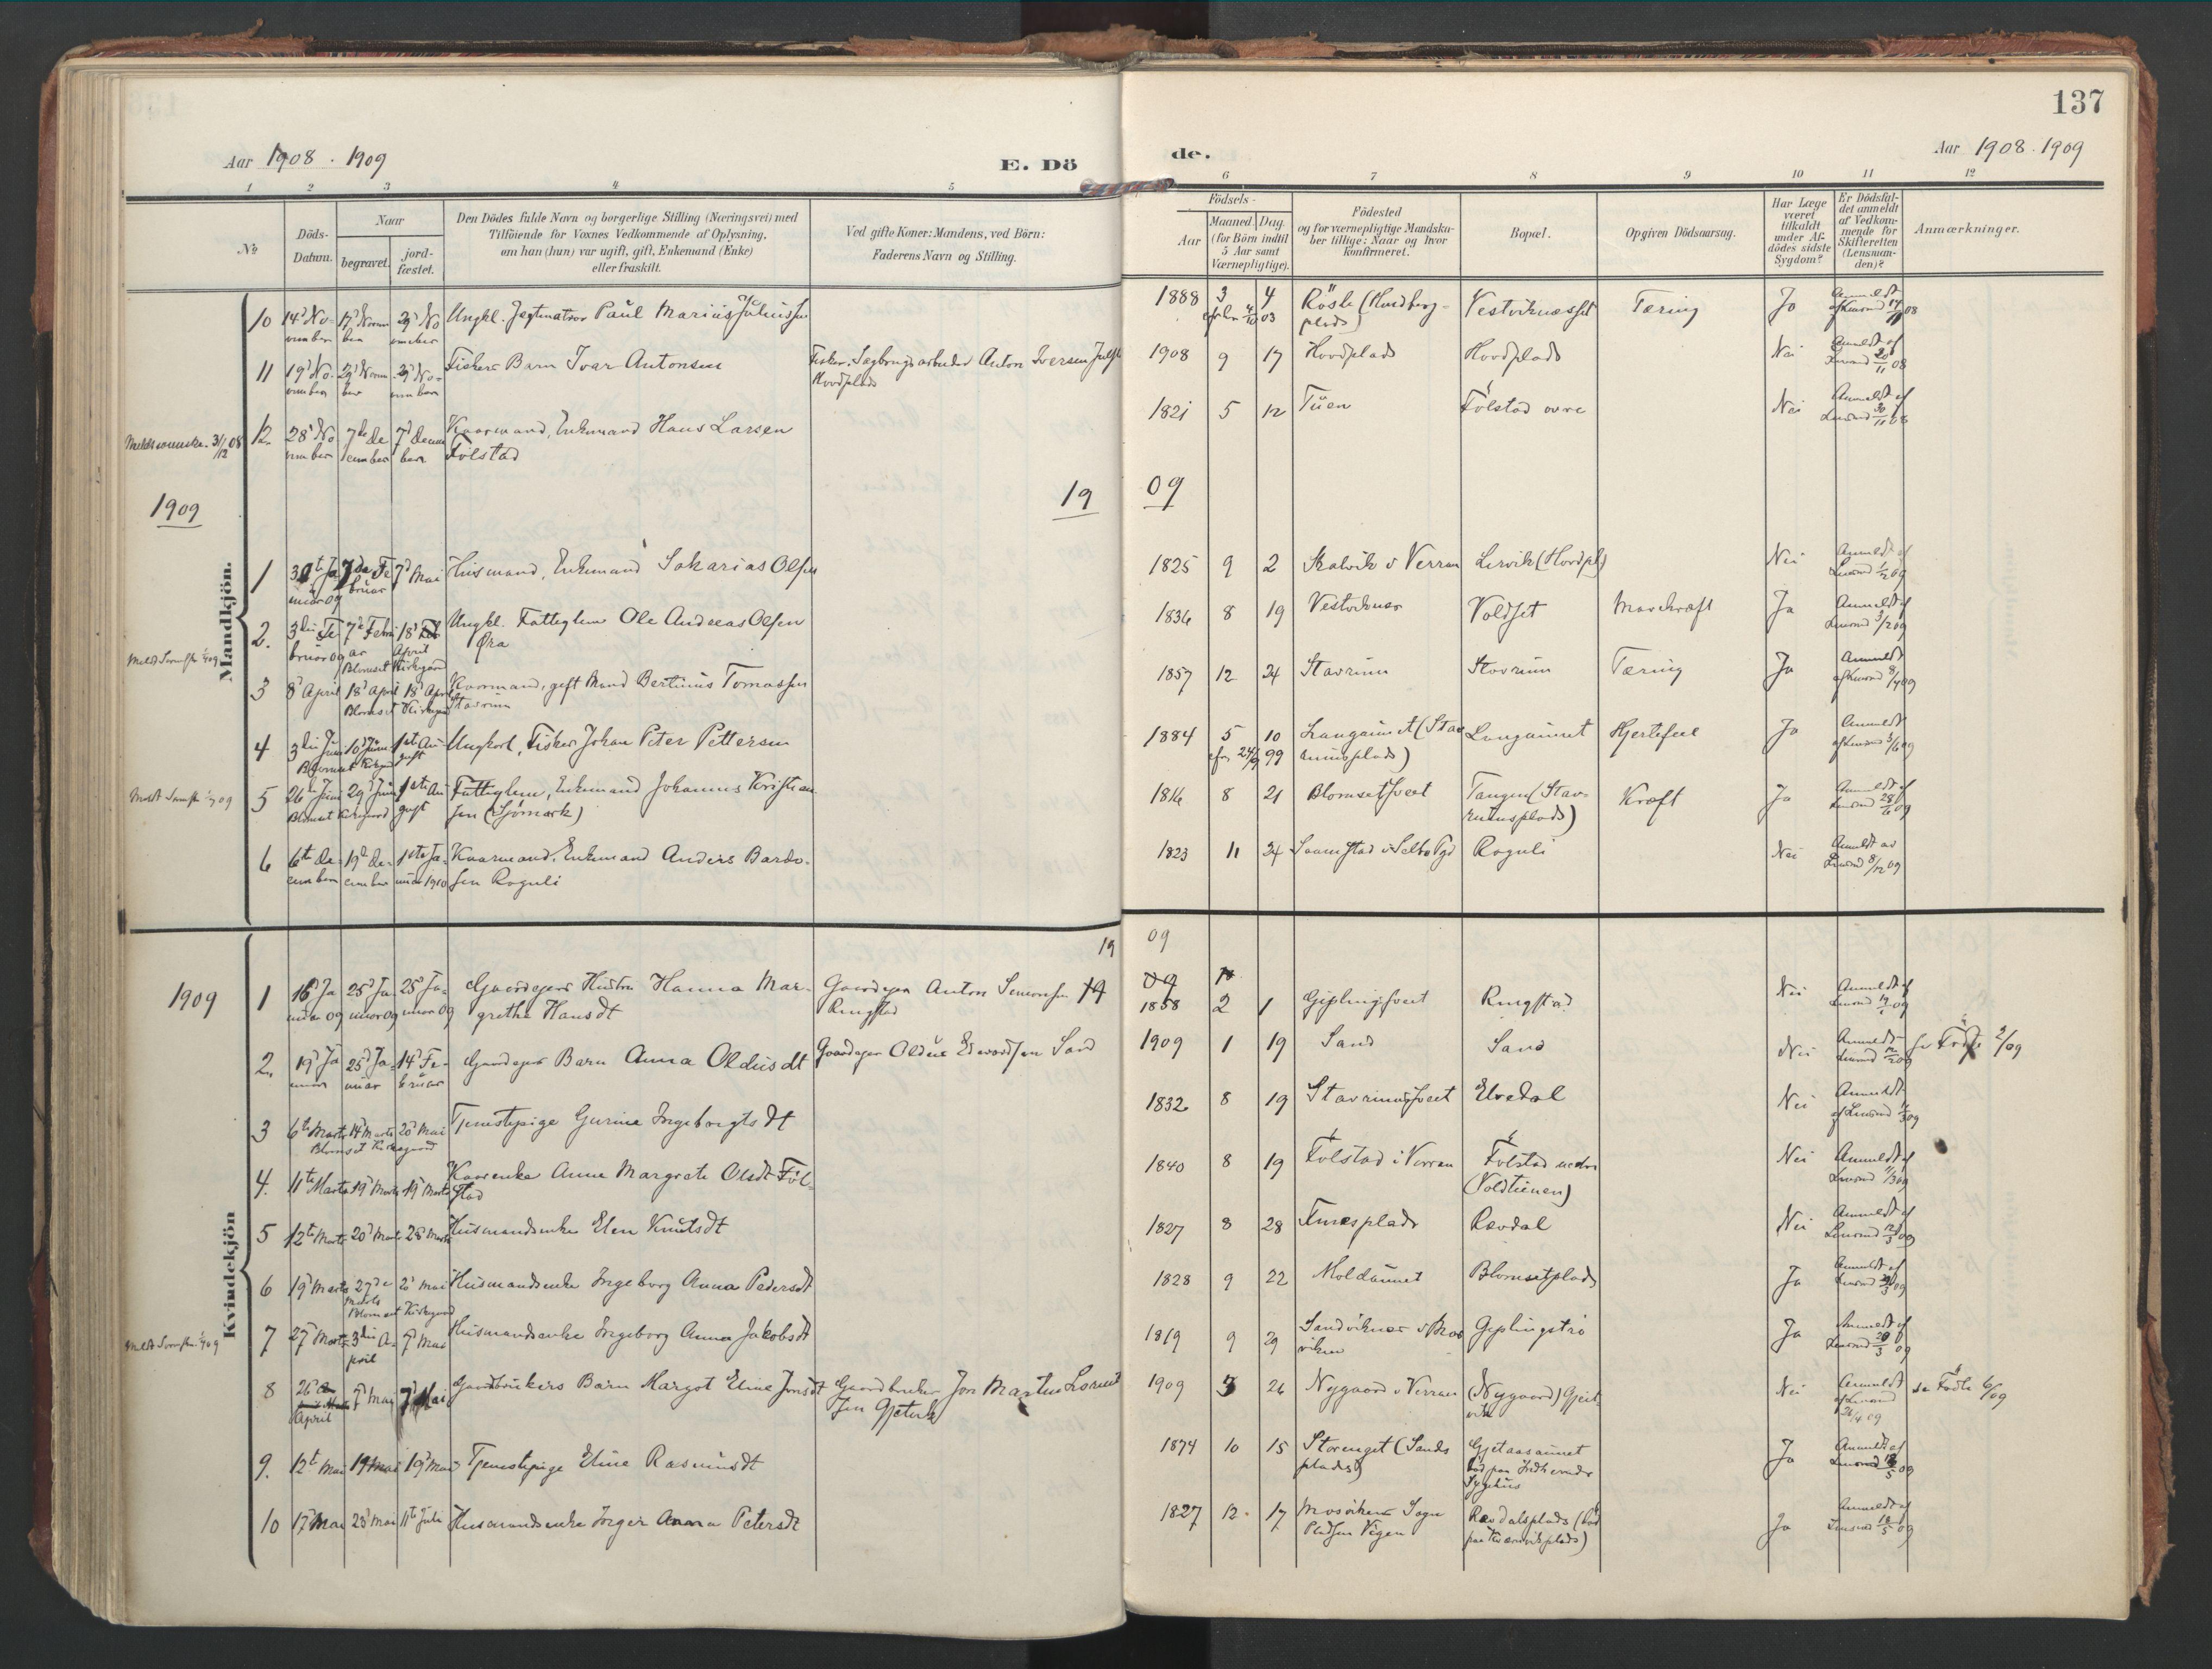 SAT, Ministerialprotokoller, klokkerbøker og fødselsregistre - Nord-Trøndelag, 744/L0421: Ministerialbok nr. 744A05, 1905-1930, s. 137